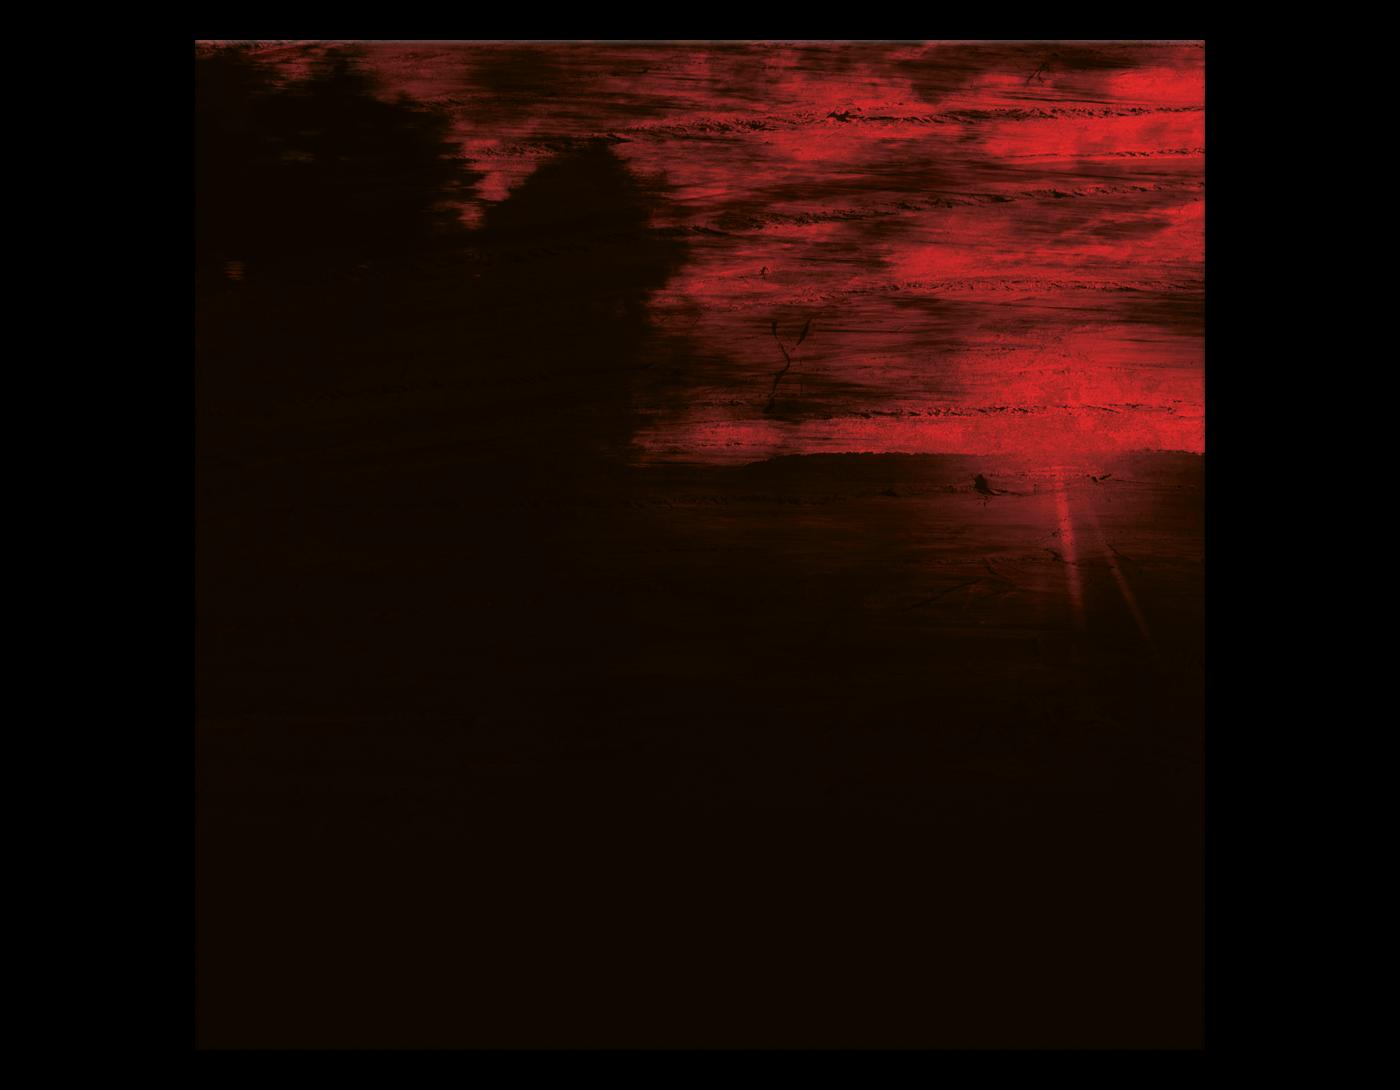 D007-A